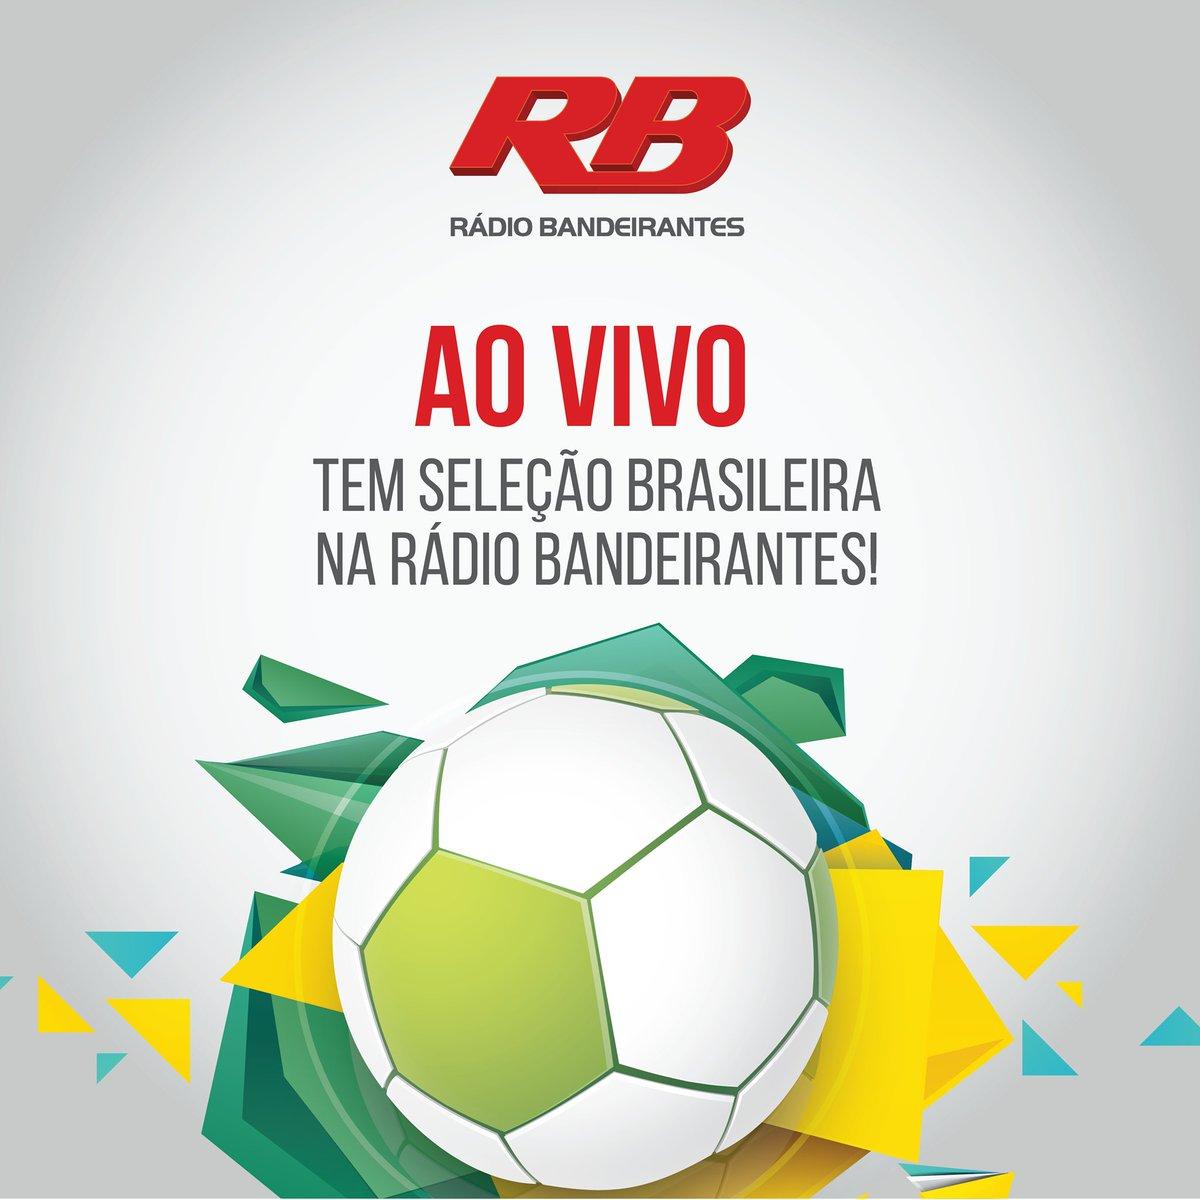 JORNADA ESPORTIVA!  Começa agora a transmissão do amistoso entre Brasil x Rússia com narração do Pai do Gol, José Silvério!  Comentários de Cláudio Zaidan, reportagem de @jpcappellanes@ricapriotti e  no plantão esportivo!  Ouça ehttps://t.co/hLtDDf2Y3Wm:#FocoemVocê